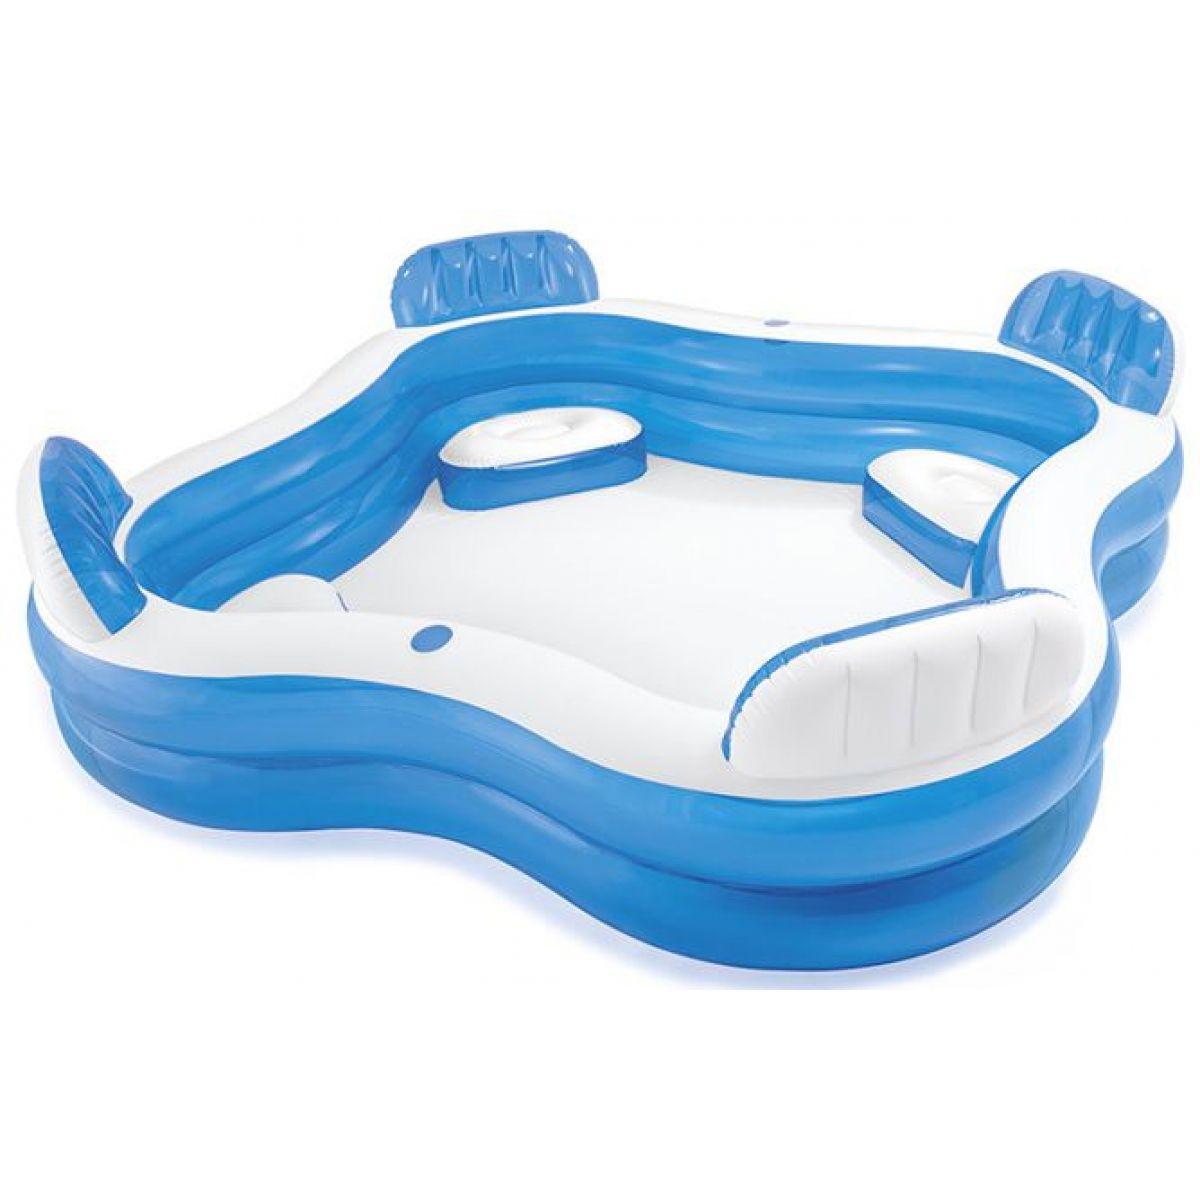 Intex 56475 Rodinný bazén s kresielkami - Poškodený obal